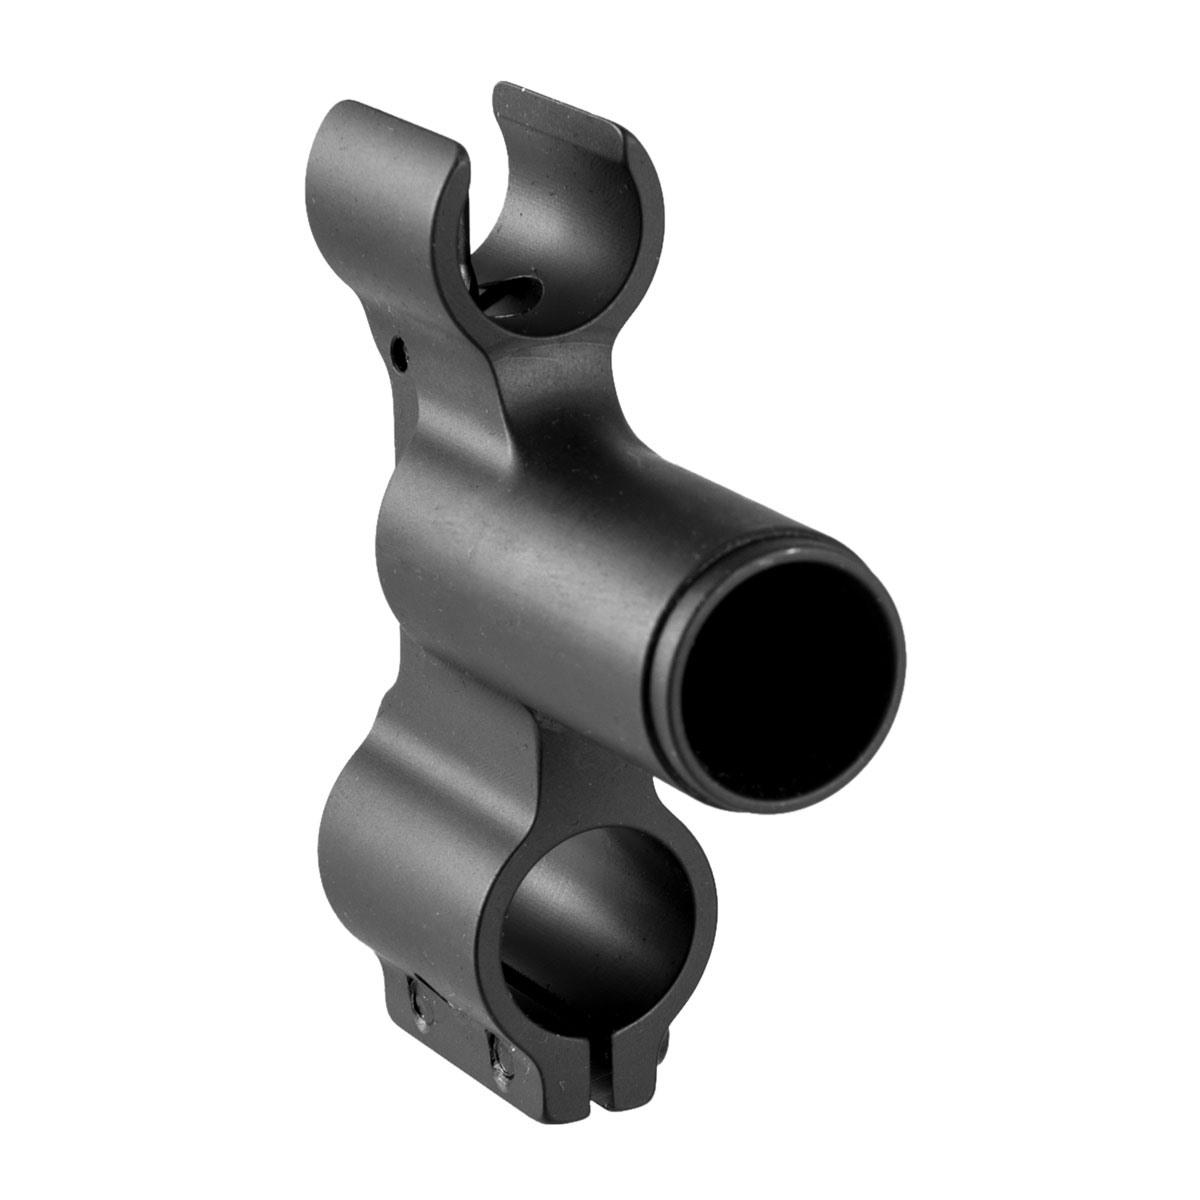 Venom Tactical AK-47/AK-74 Front Sight Gas Block